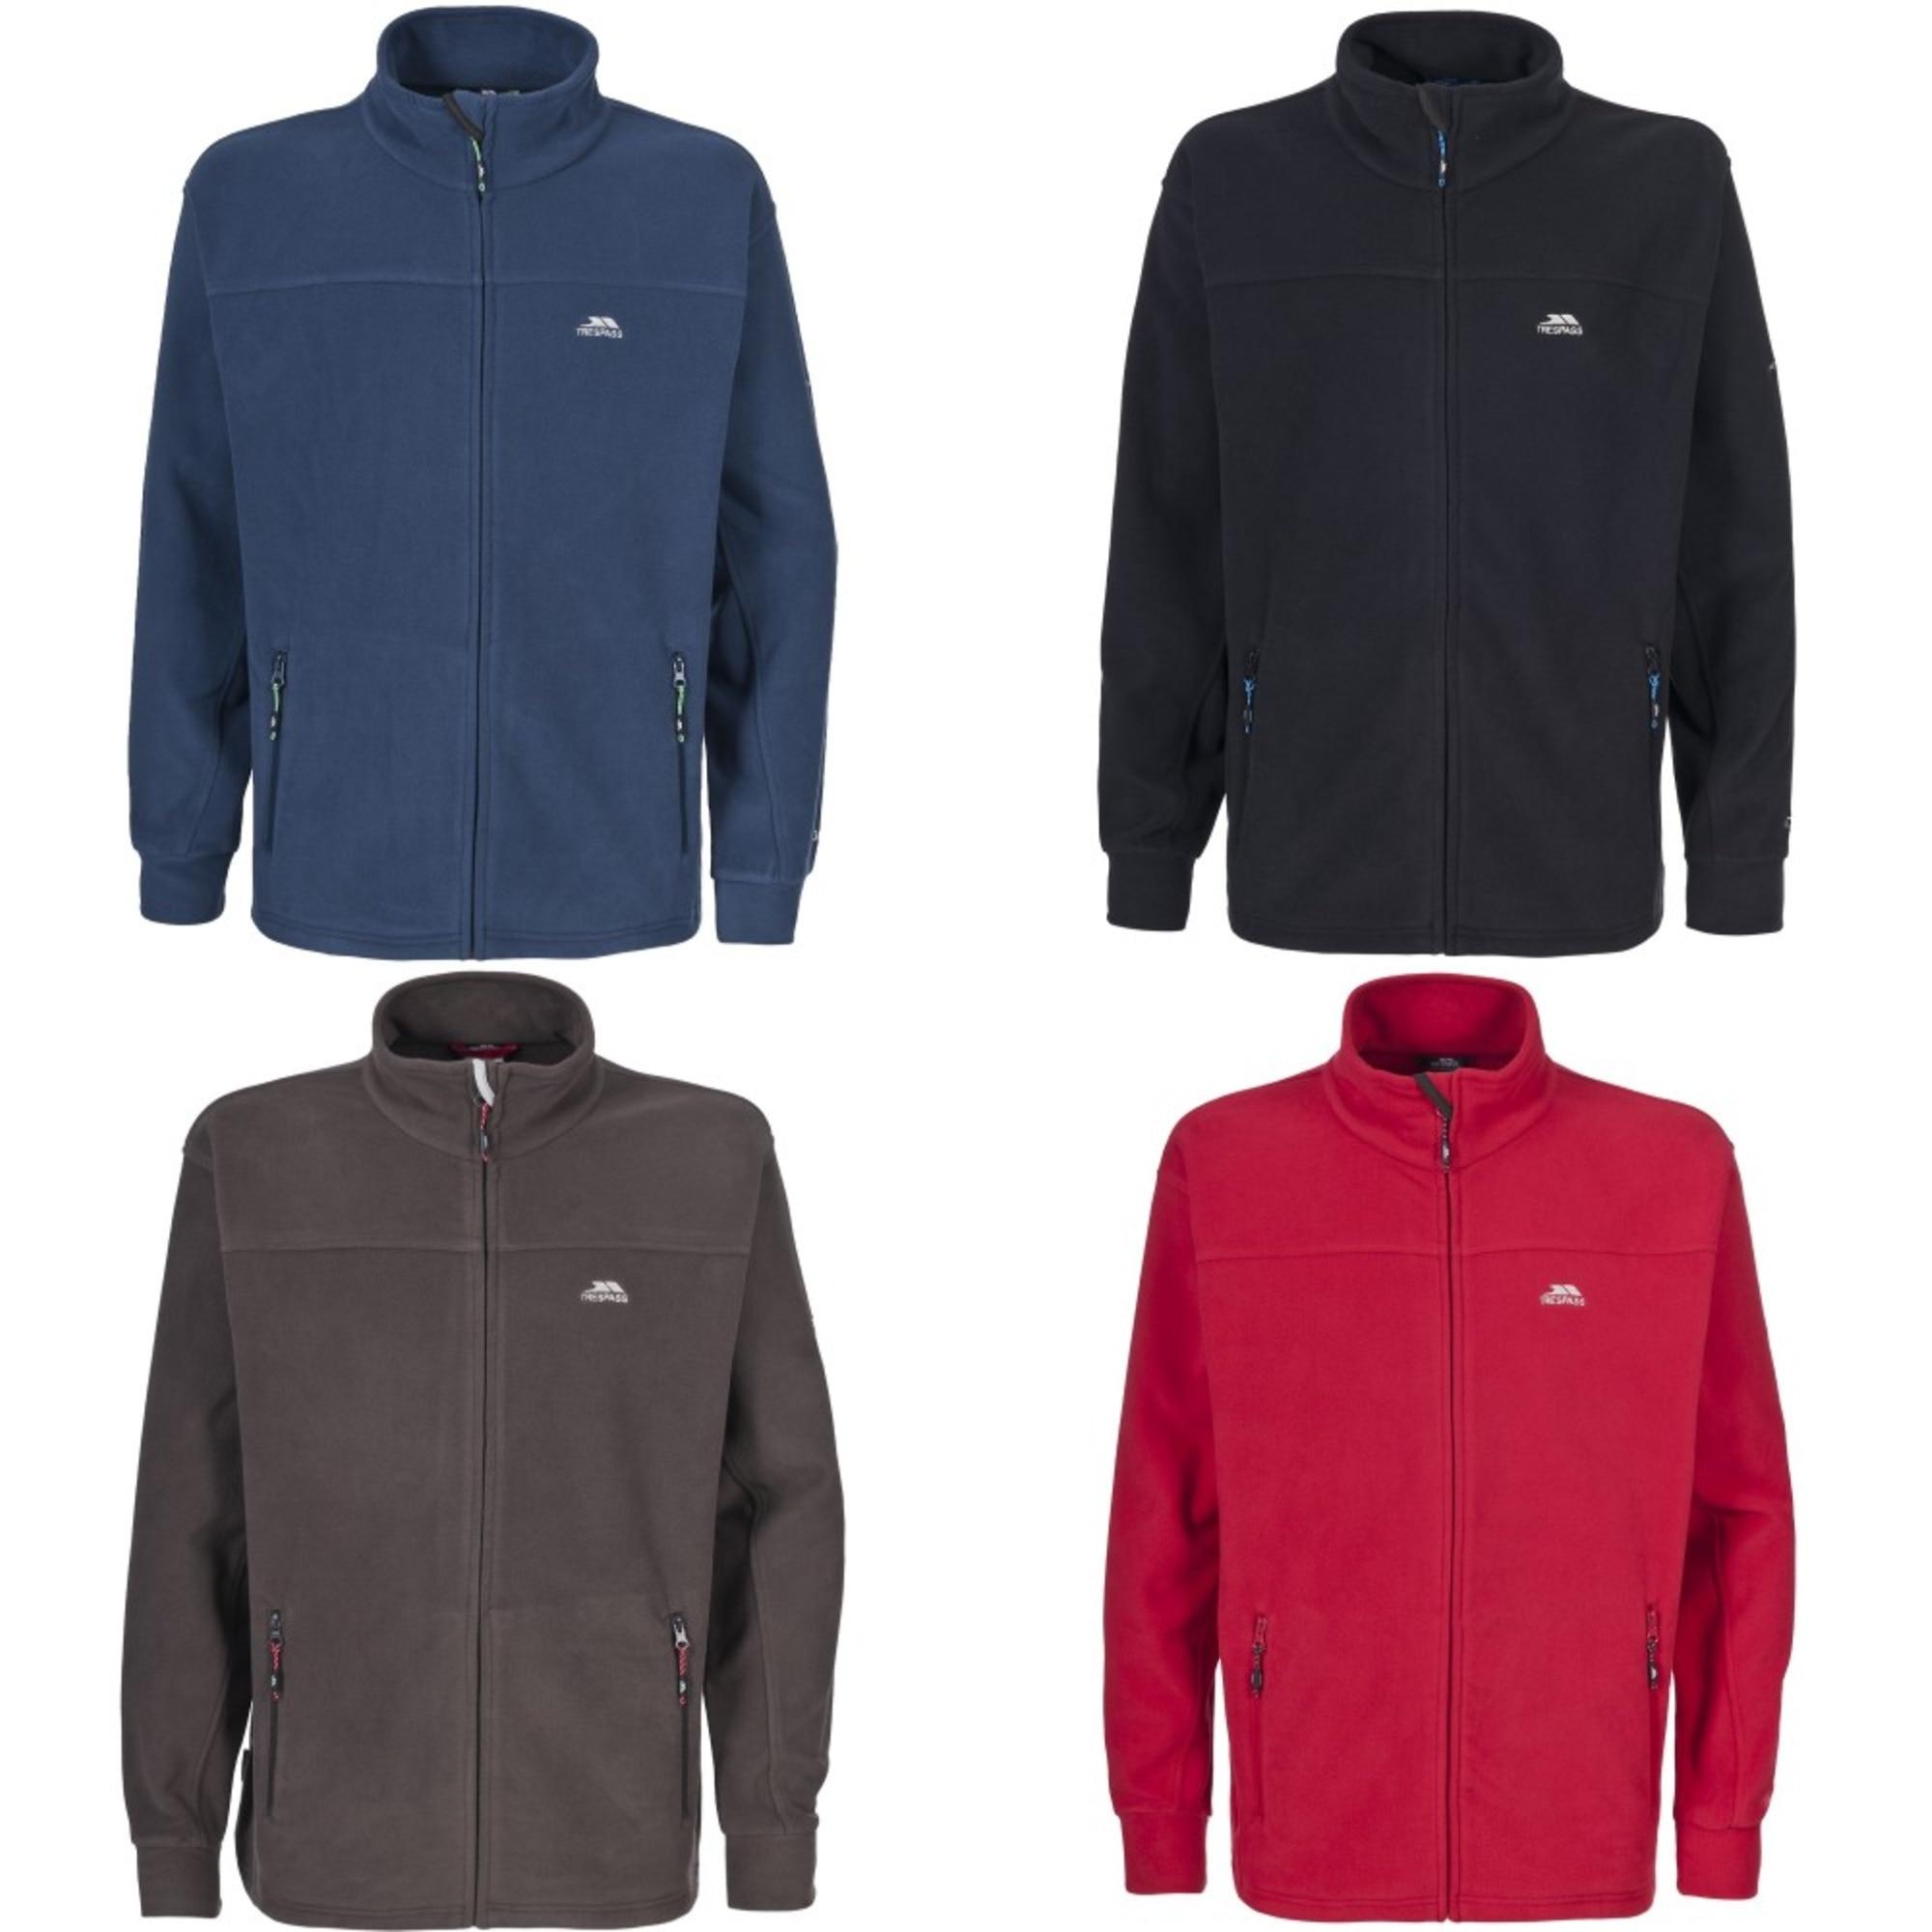 Mens jacket online - Trespass Mens Bernal Full Zip Fleece Jacket